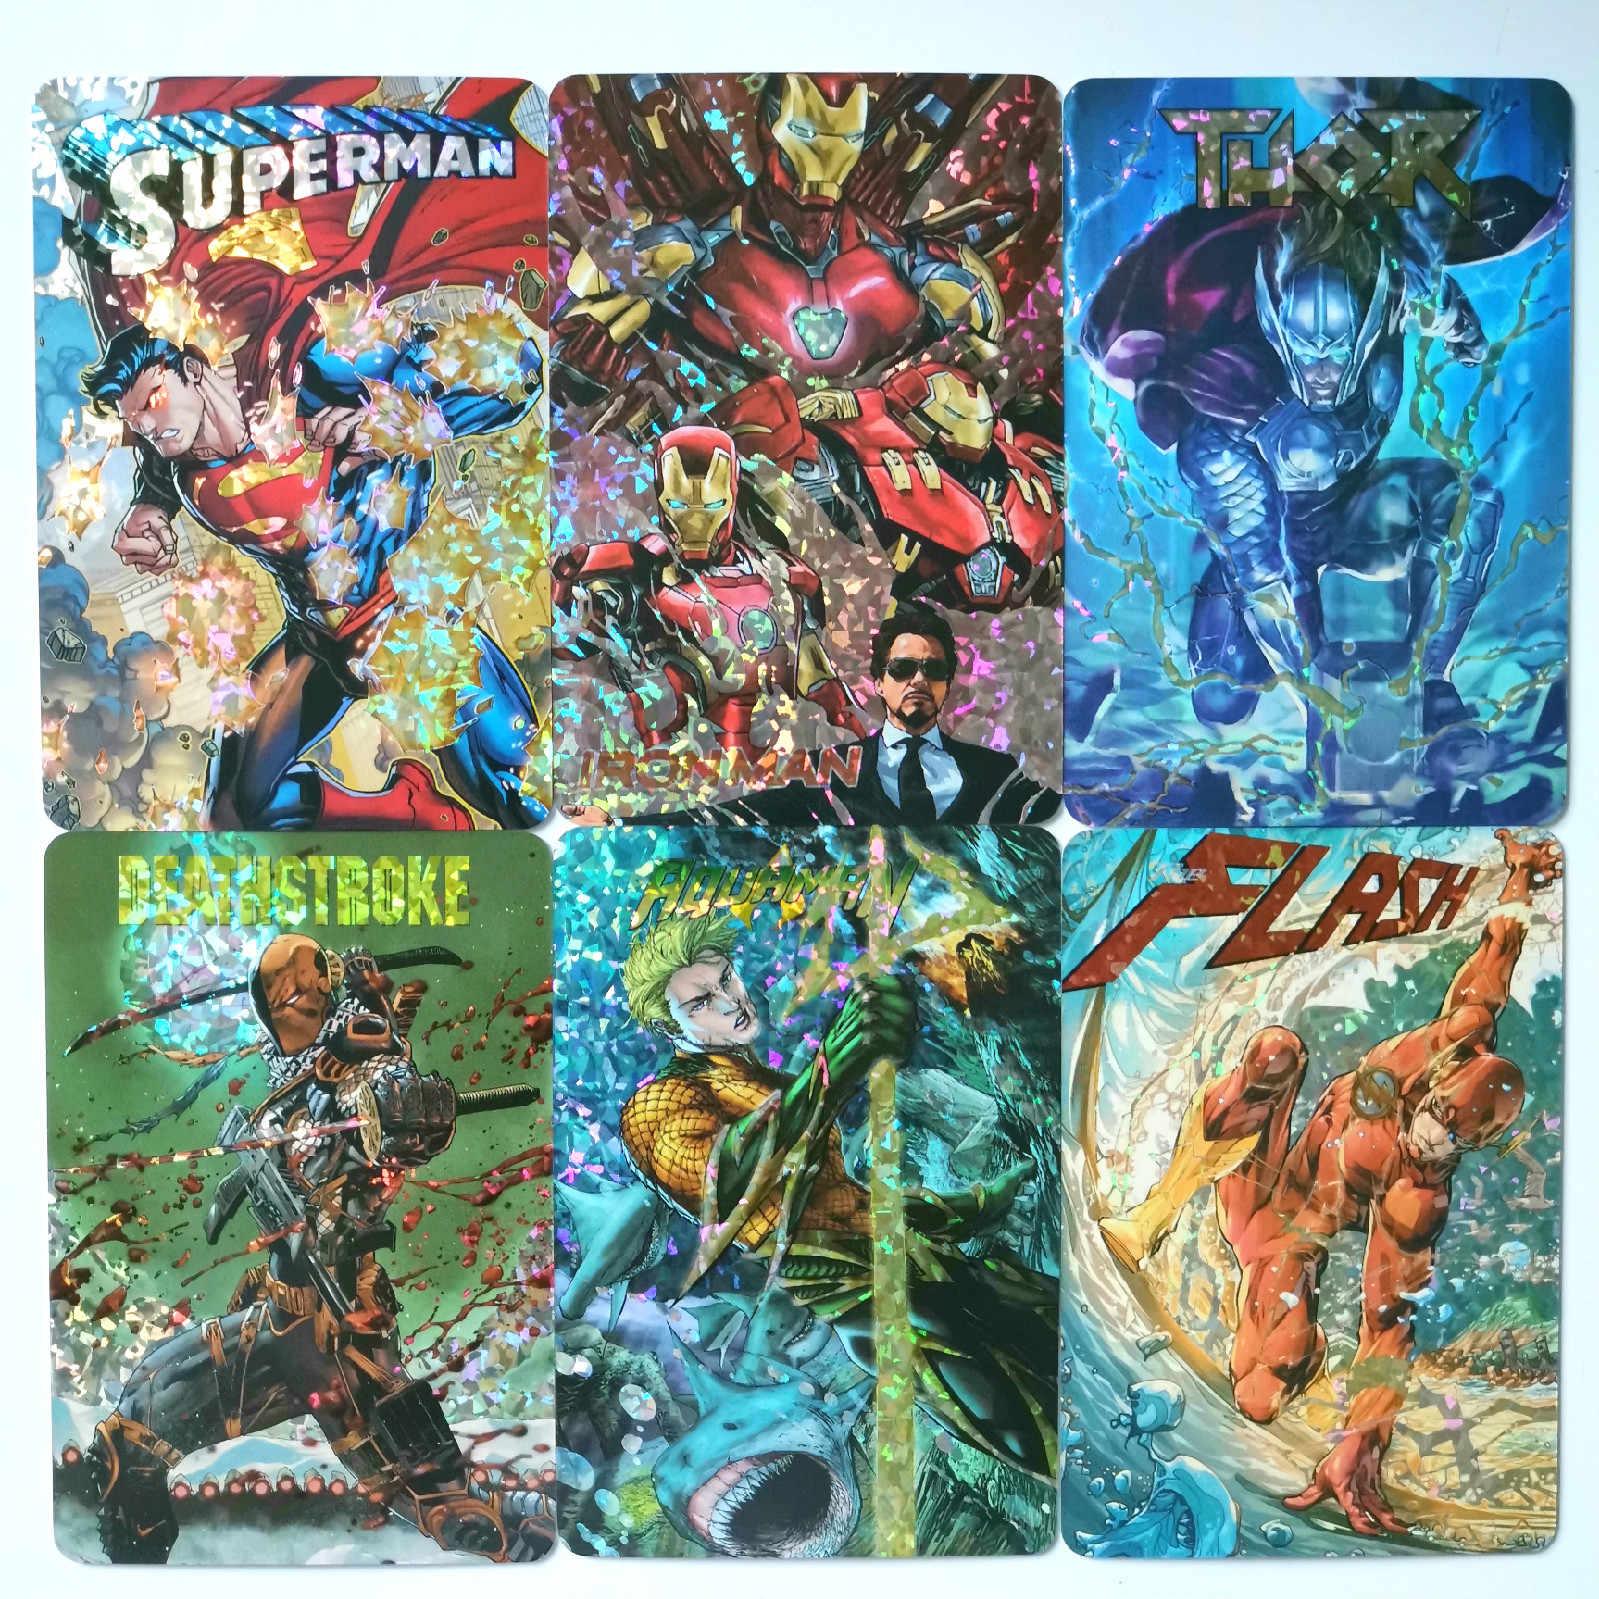 18-20 шт./компл. супергерой Marvel игрушки постоянный ток хобби Коллекционные вещи игра Коллекция аниме-открытки